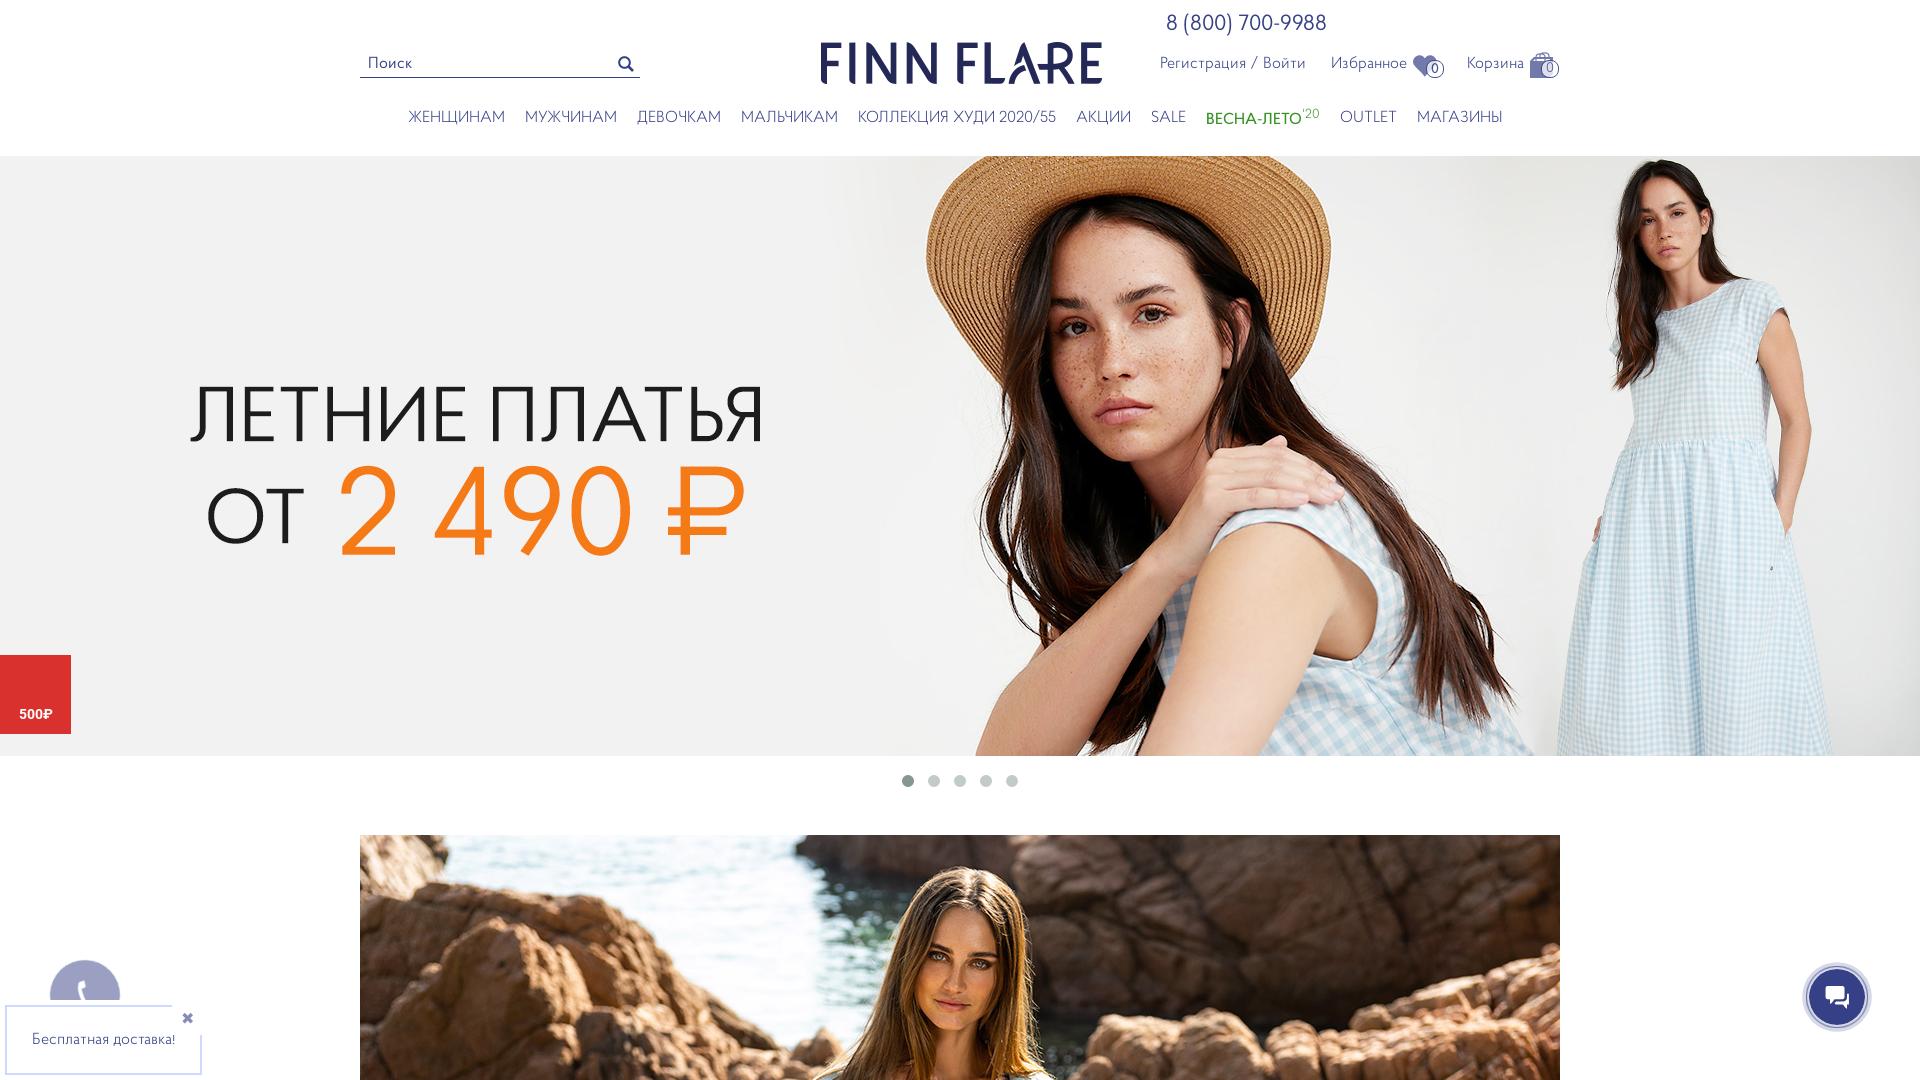 Finn Flare website